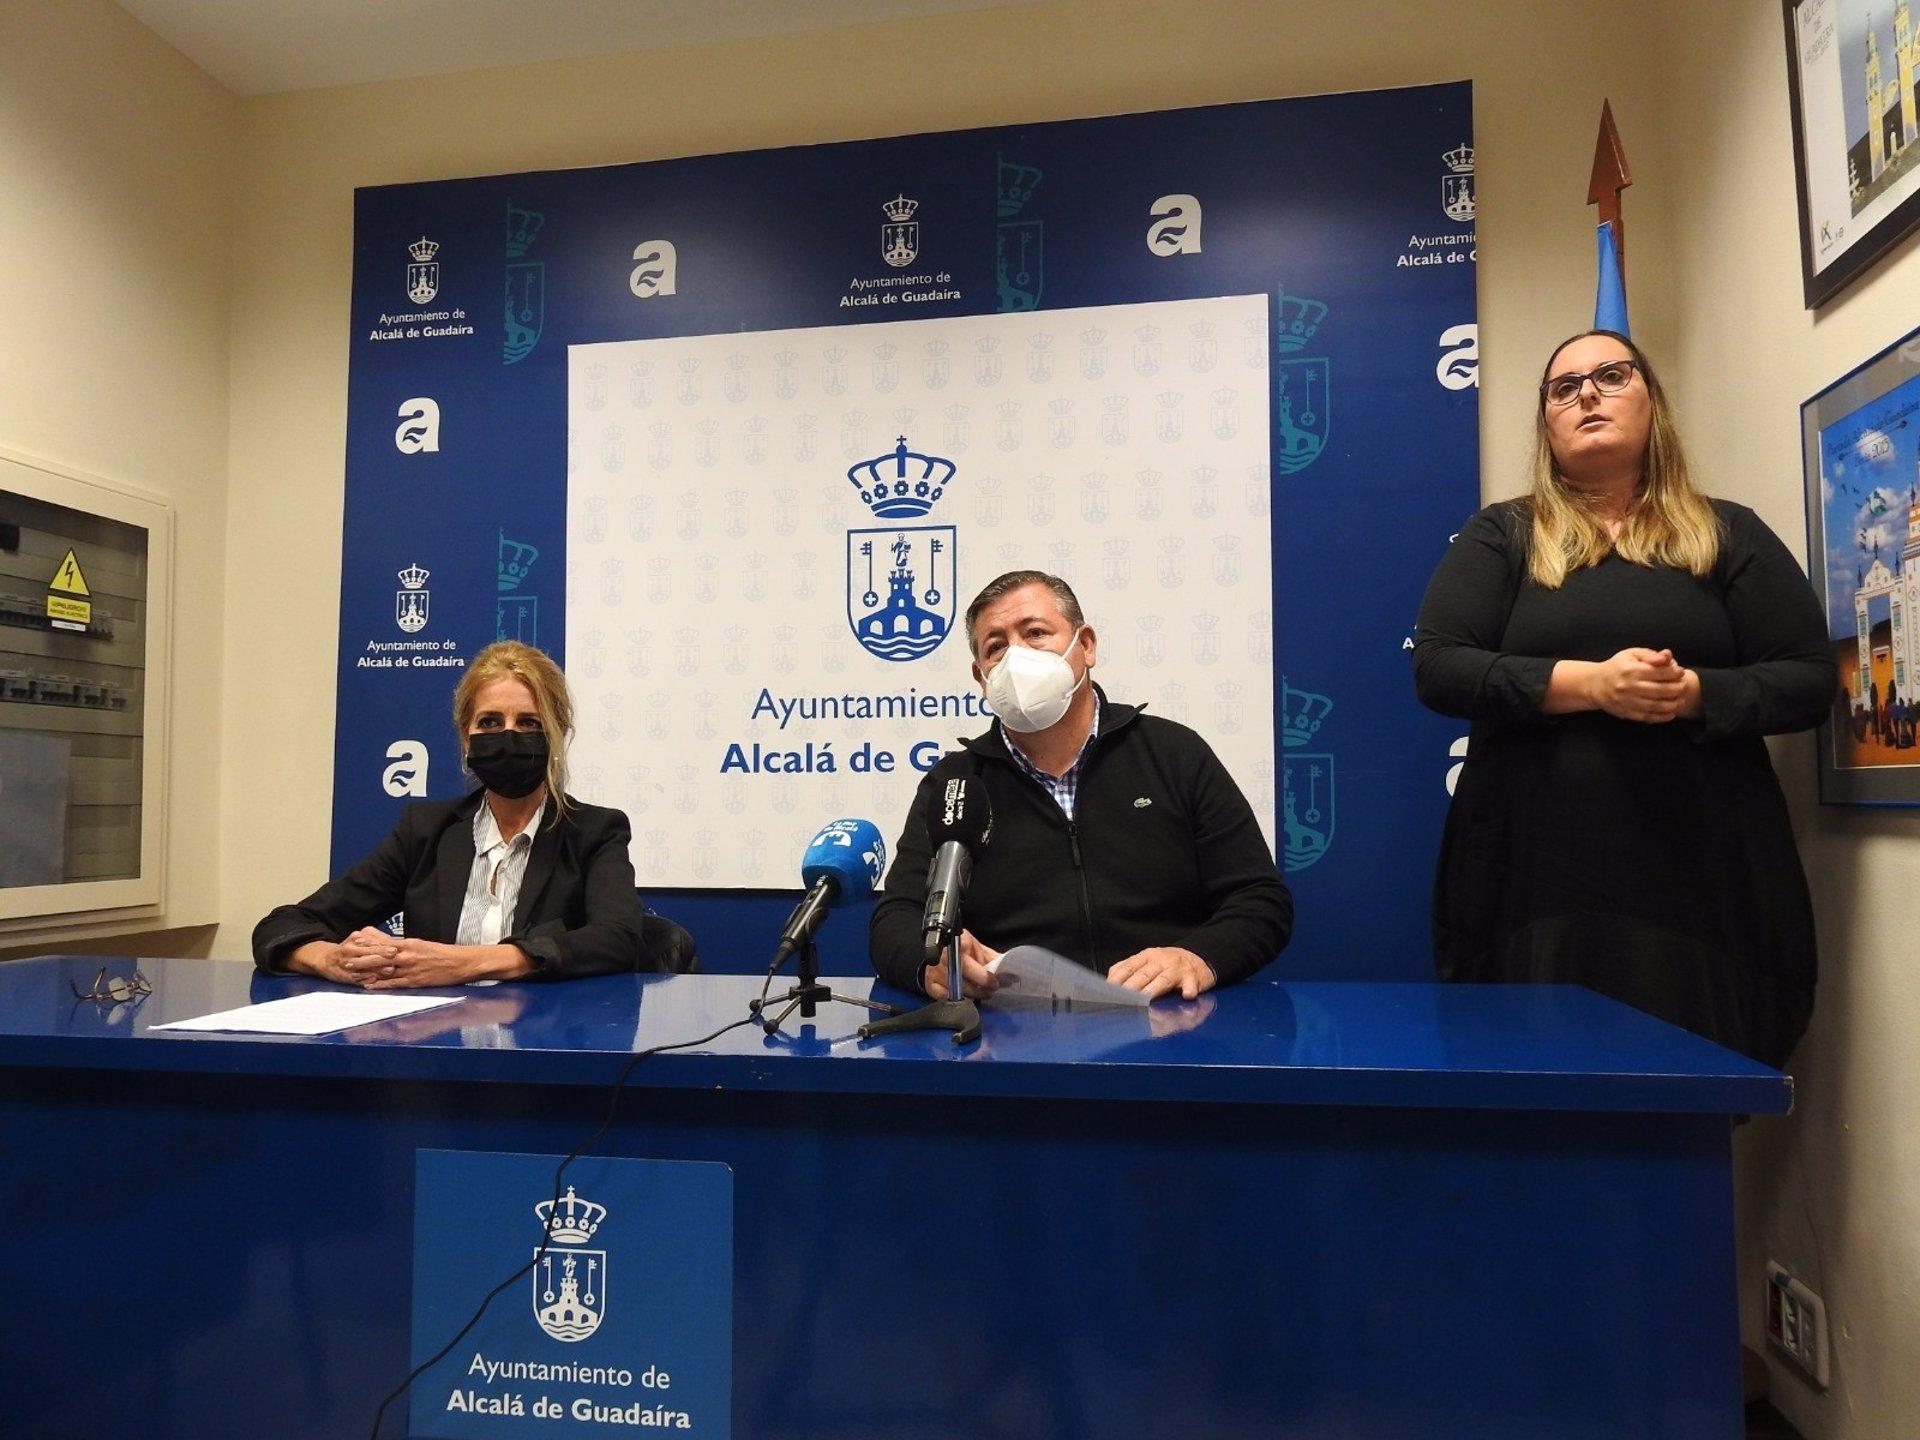 La delegada de Accesbilidad del Ayuntamiento de Alcalá de Guadaíra (Sevilla), María José Morilla, y el delegado de Servicios Urbanos, José Antonio Montero.